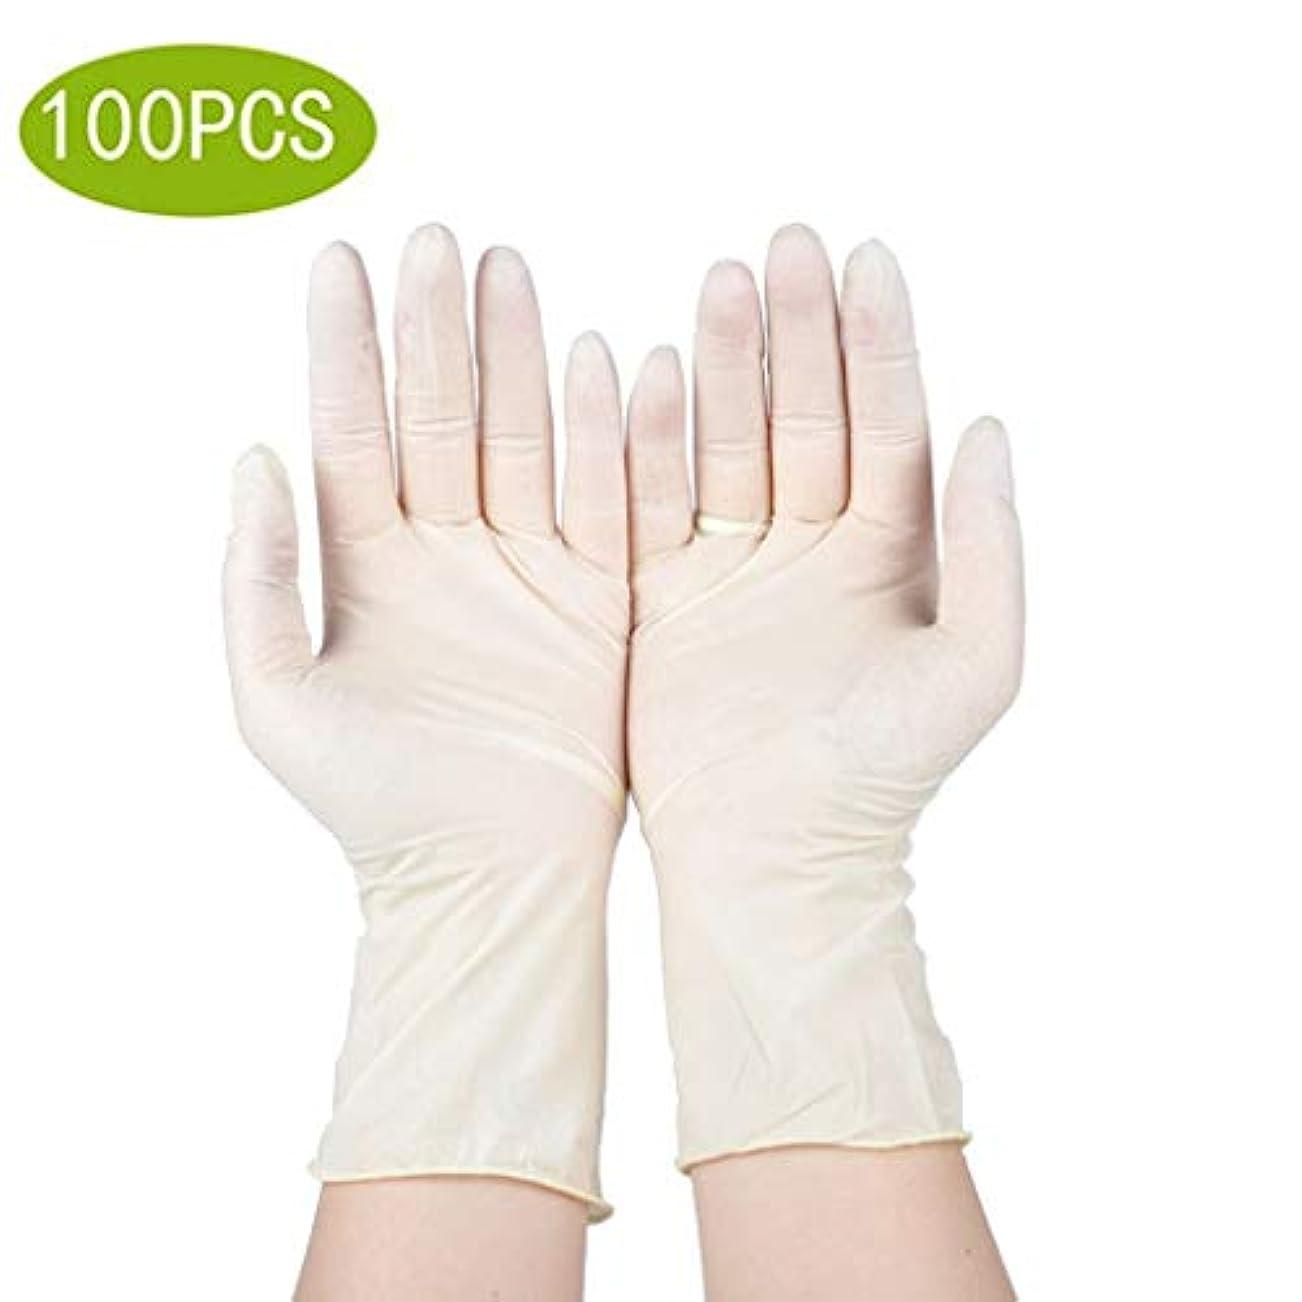 ヒールプロペラ省略するニトリル試験用手袋 - 医療用グレード、パウダーフリー、ラテックスラバーフリー、使い捨て、ラテックスグローブ食品安全ラテックスグローブ (Color : Latex Gloves, Size : L)